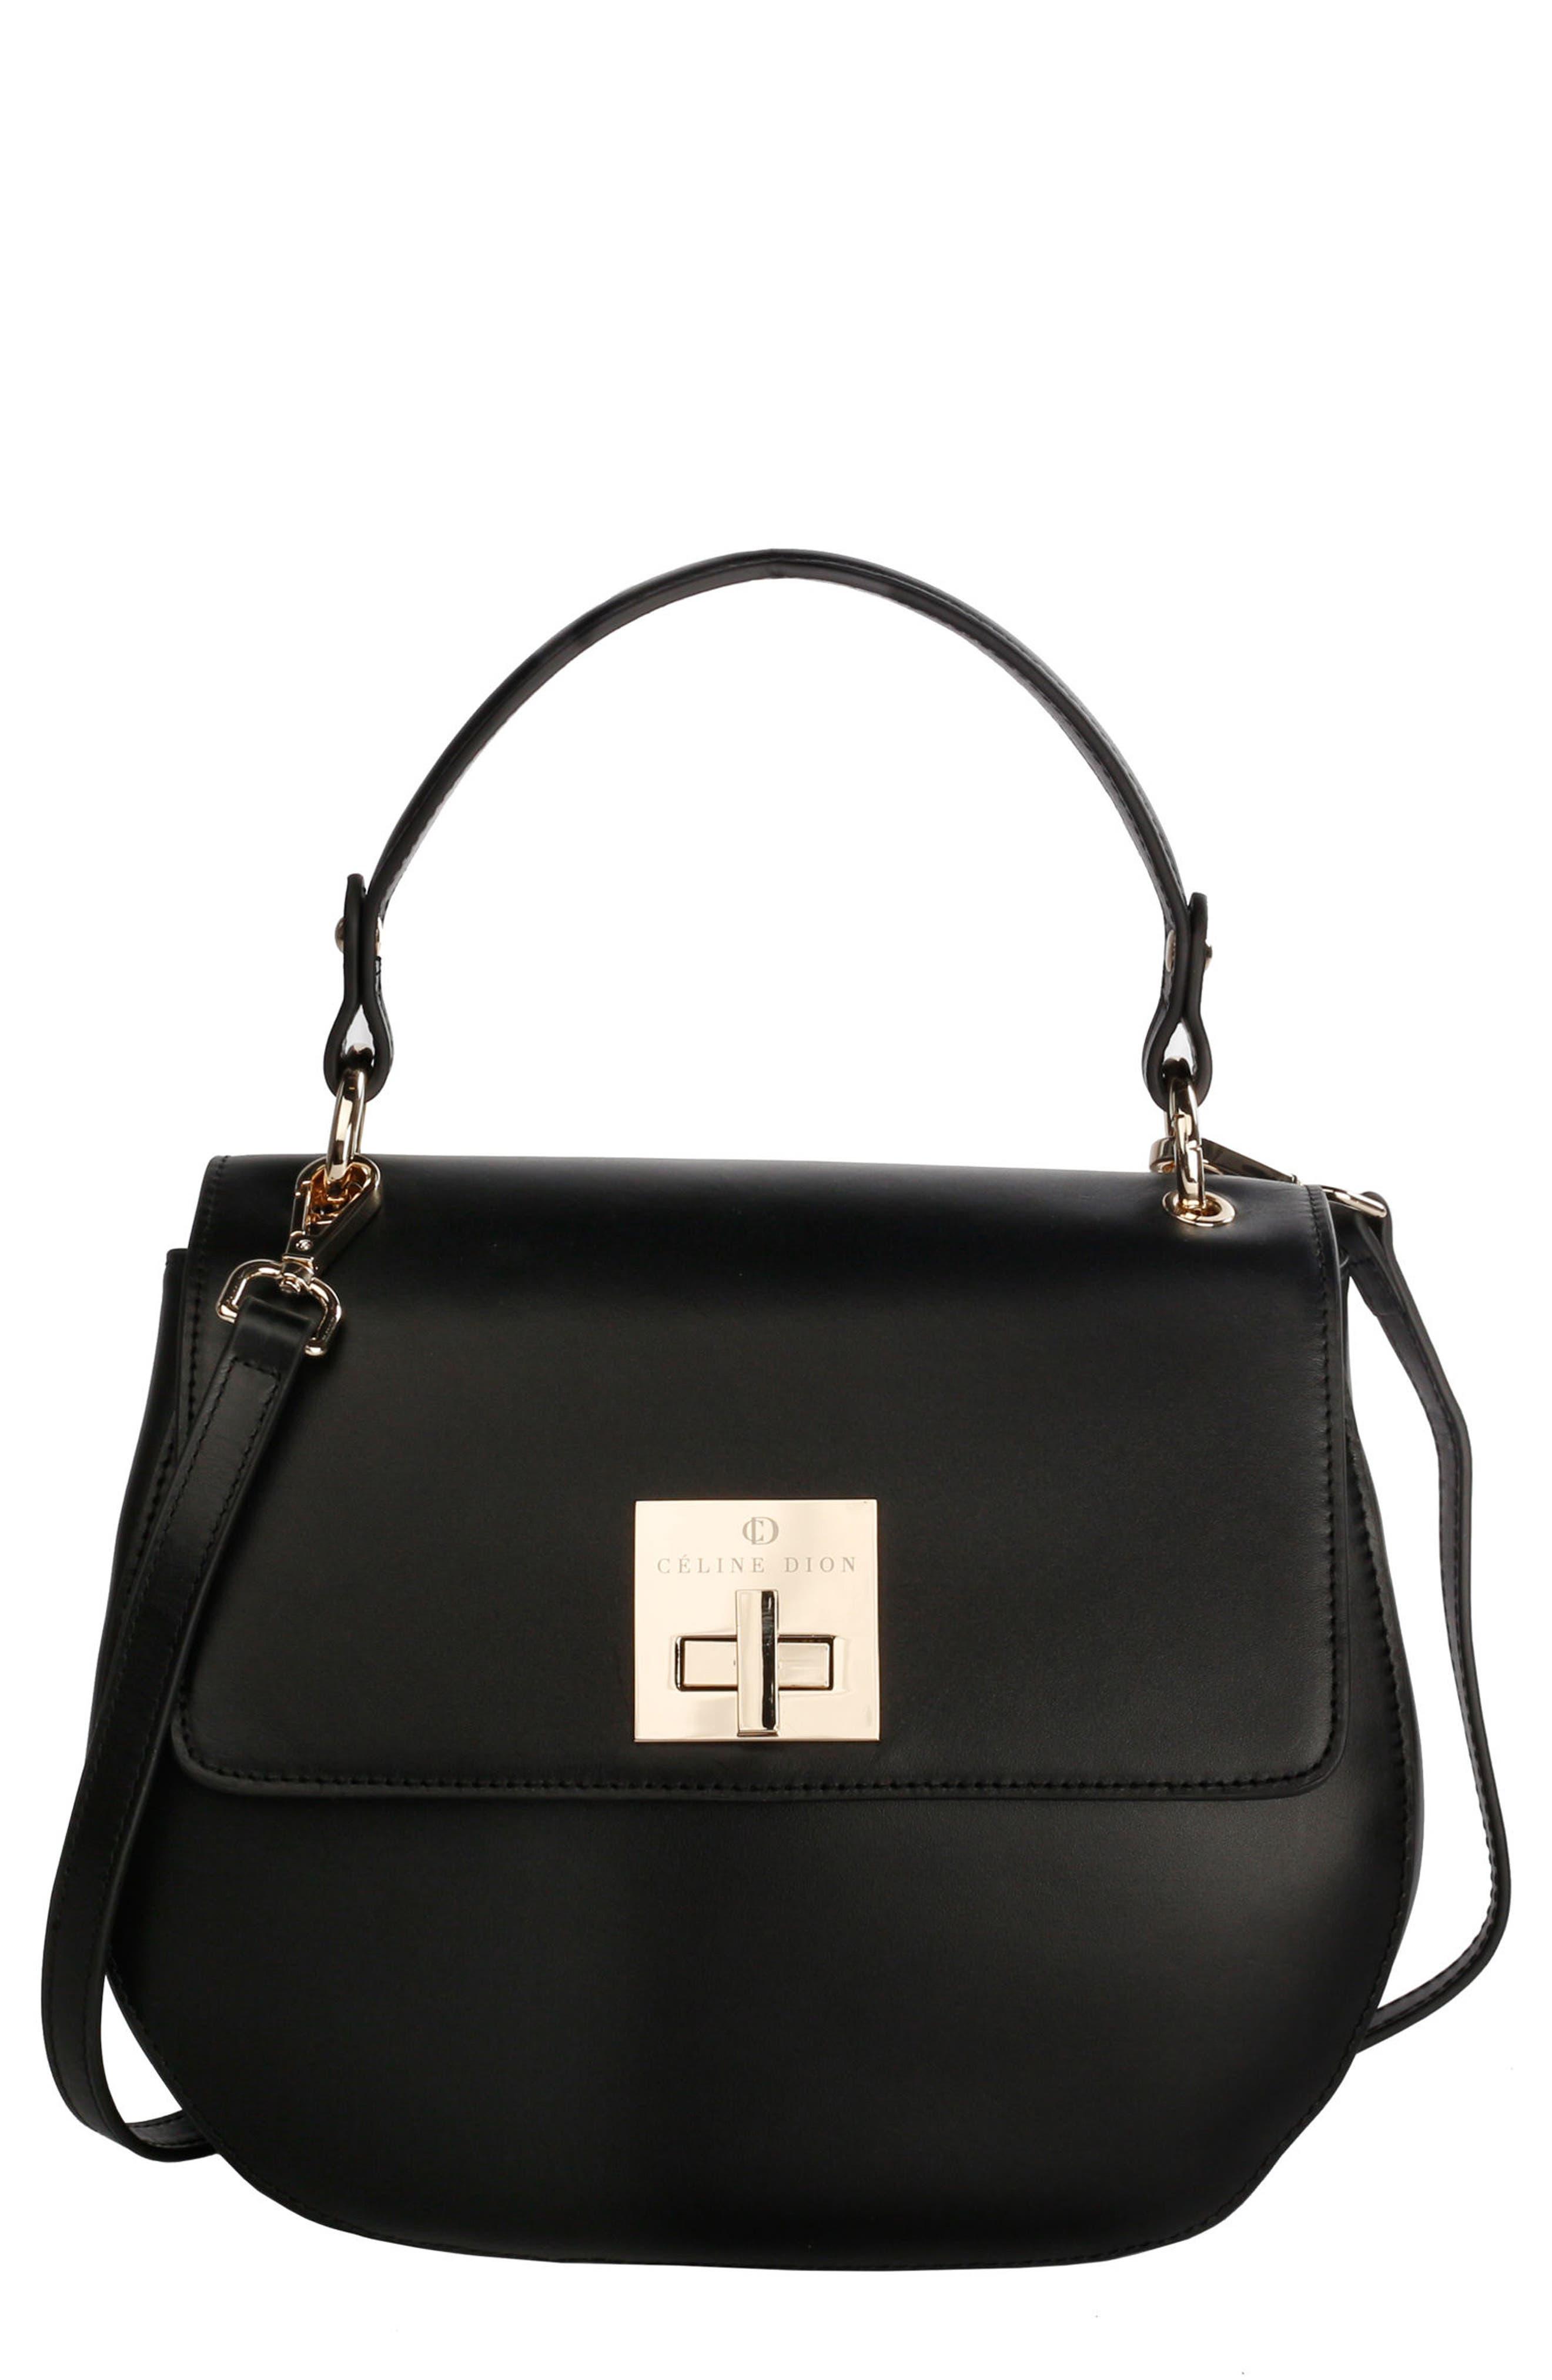 Céline Dion Minuet Leather Top Handle Satchel